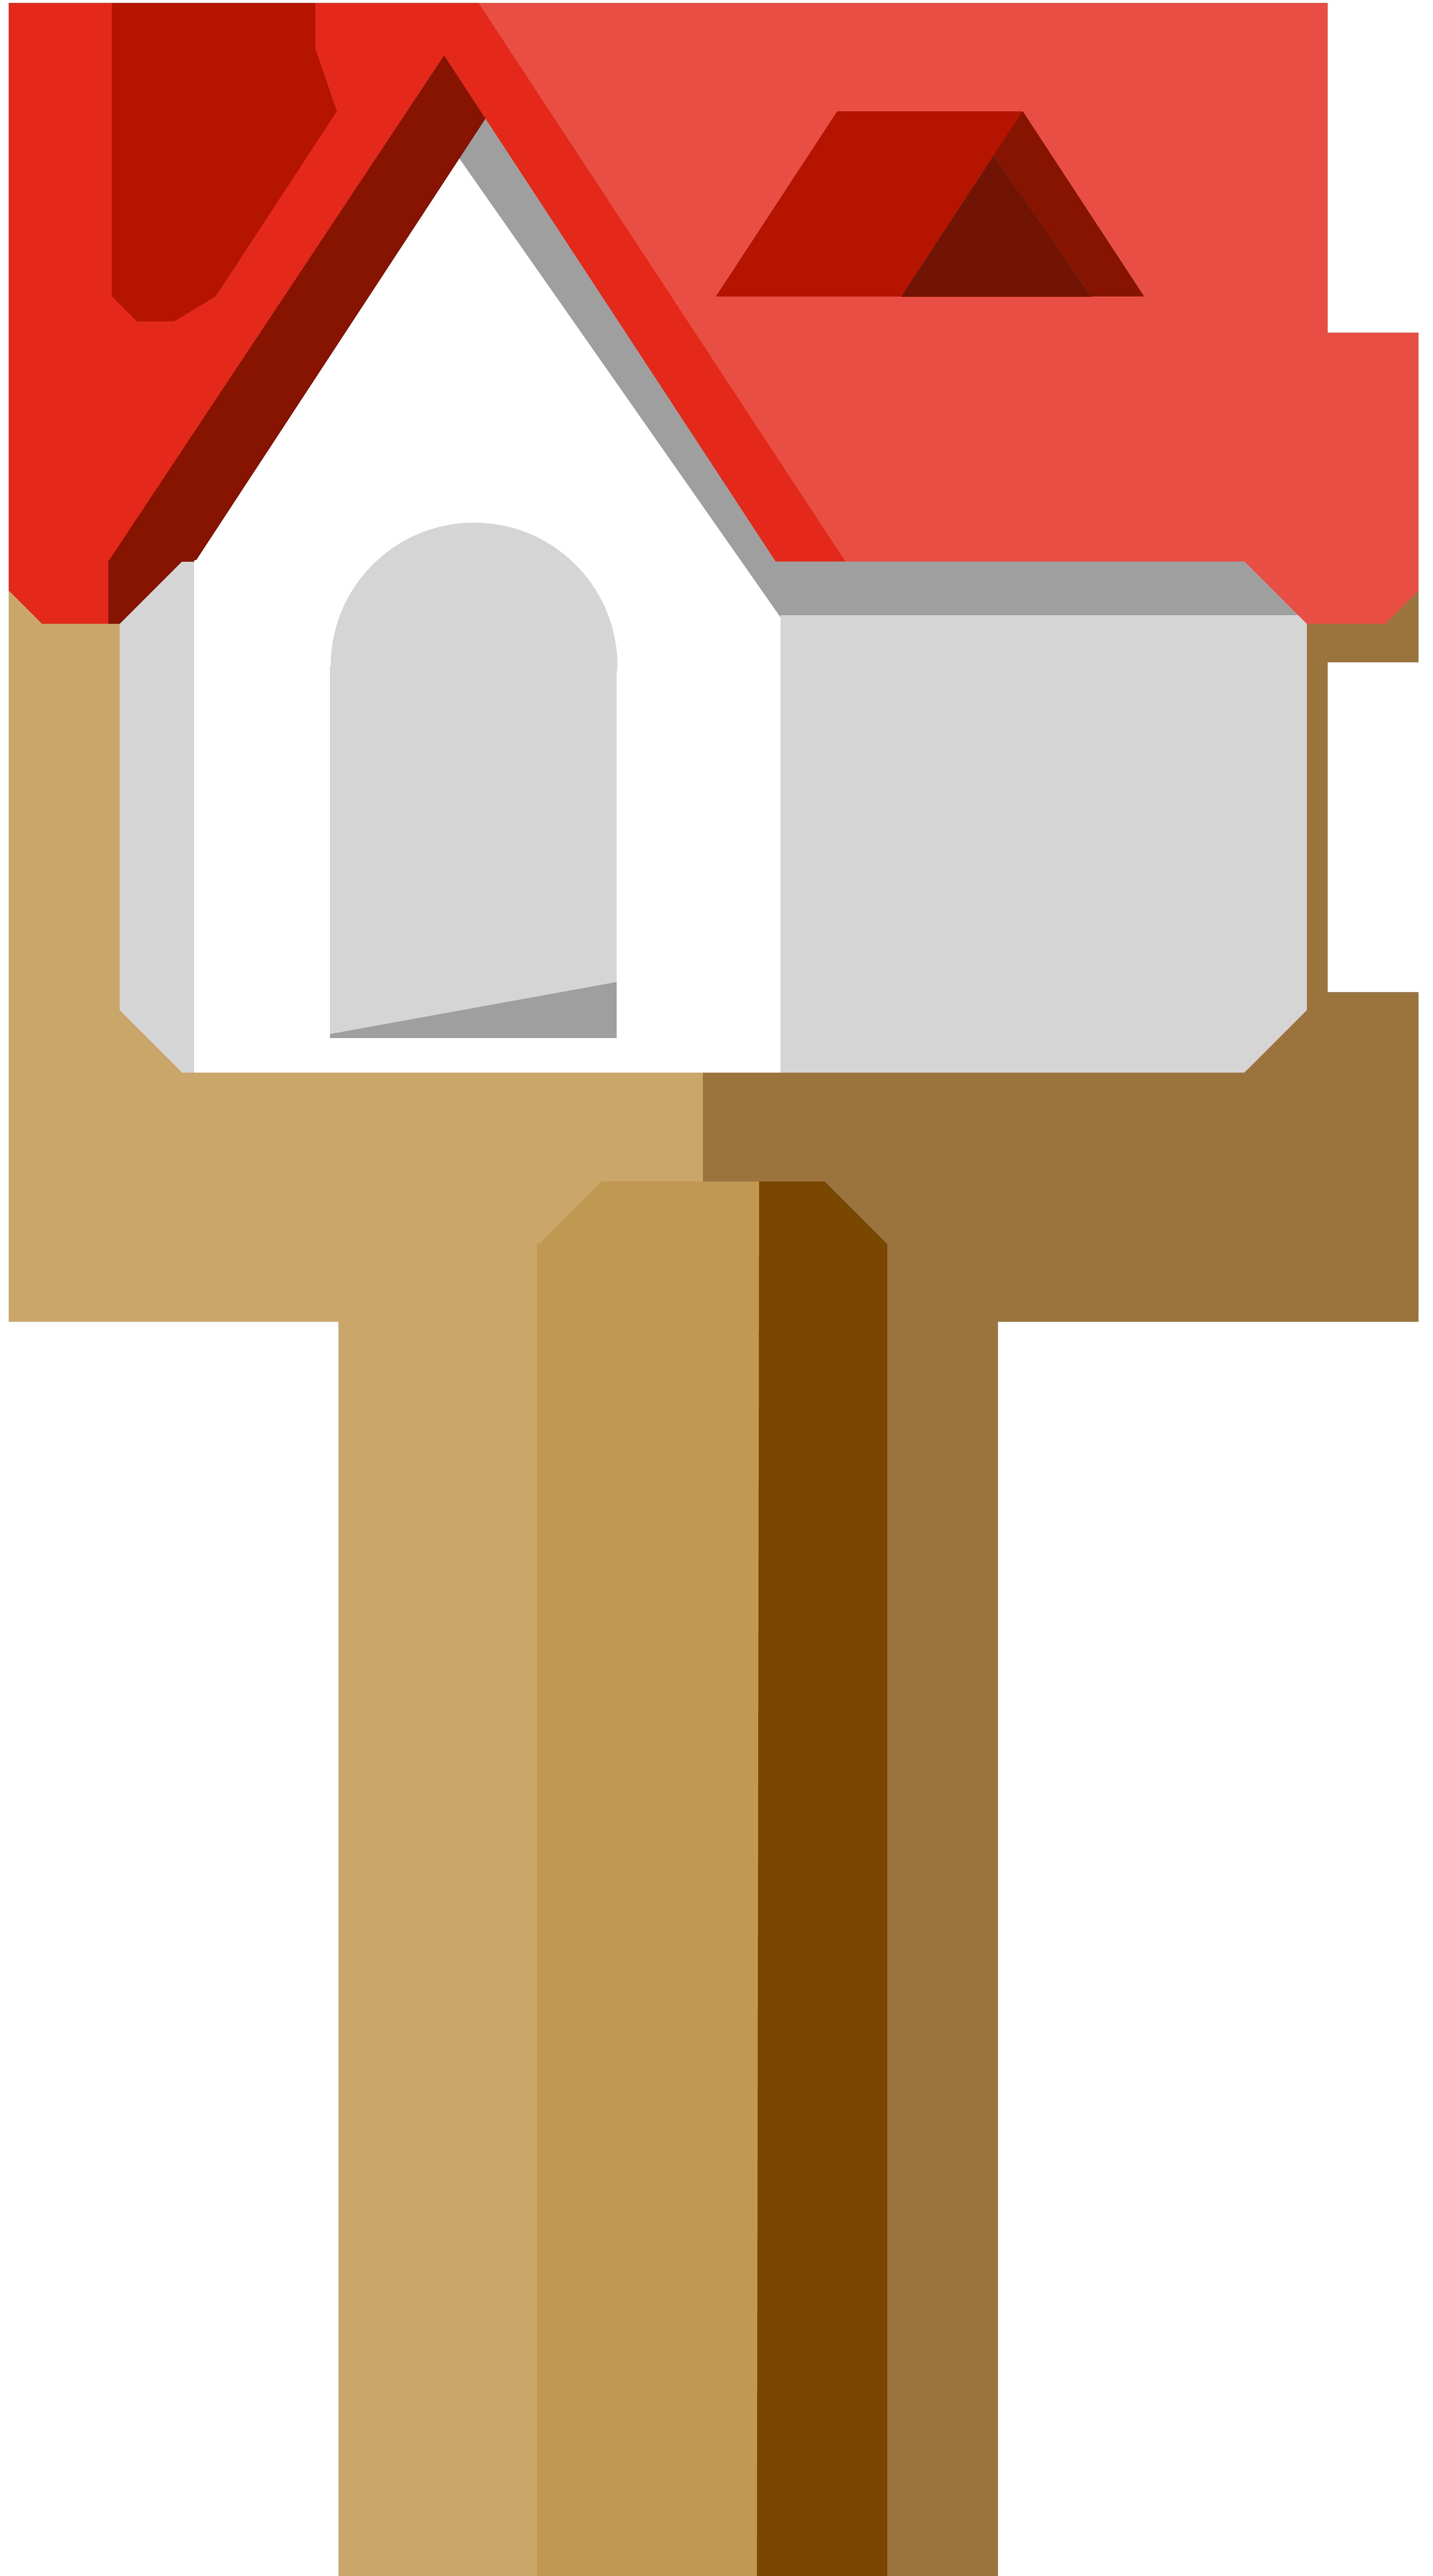 Birdhouse PNG Clip Art Image.